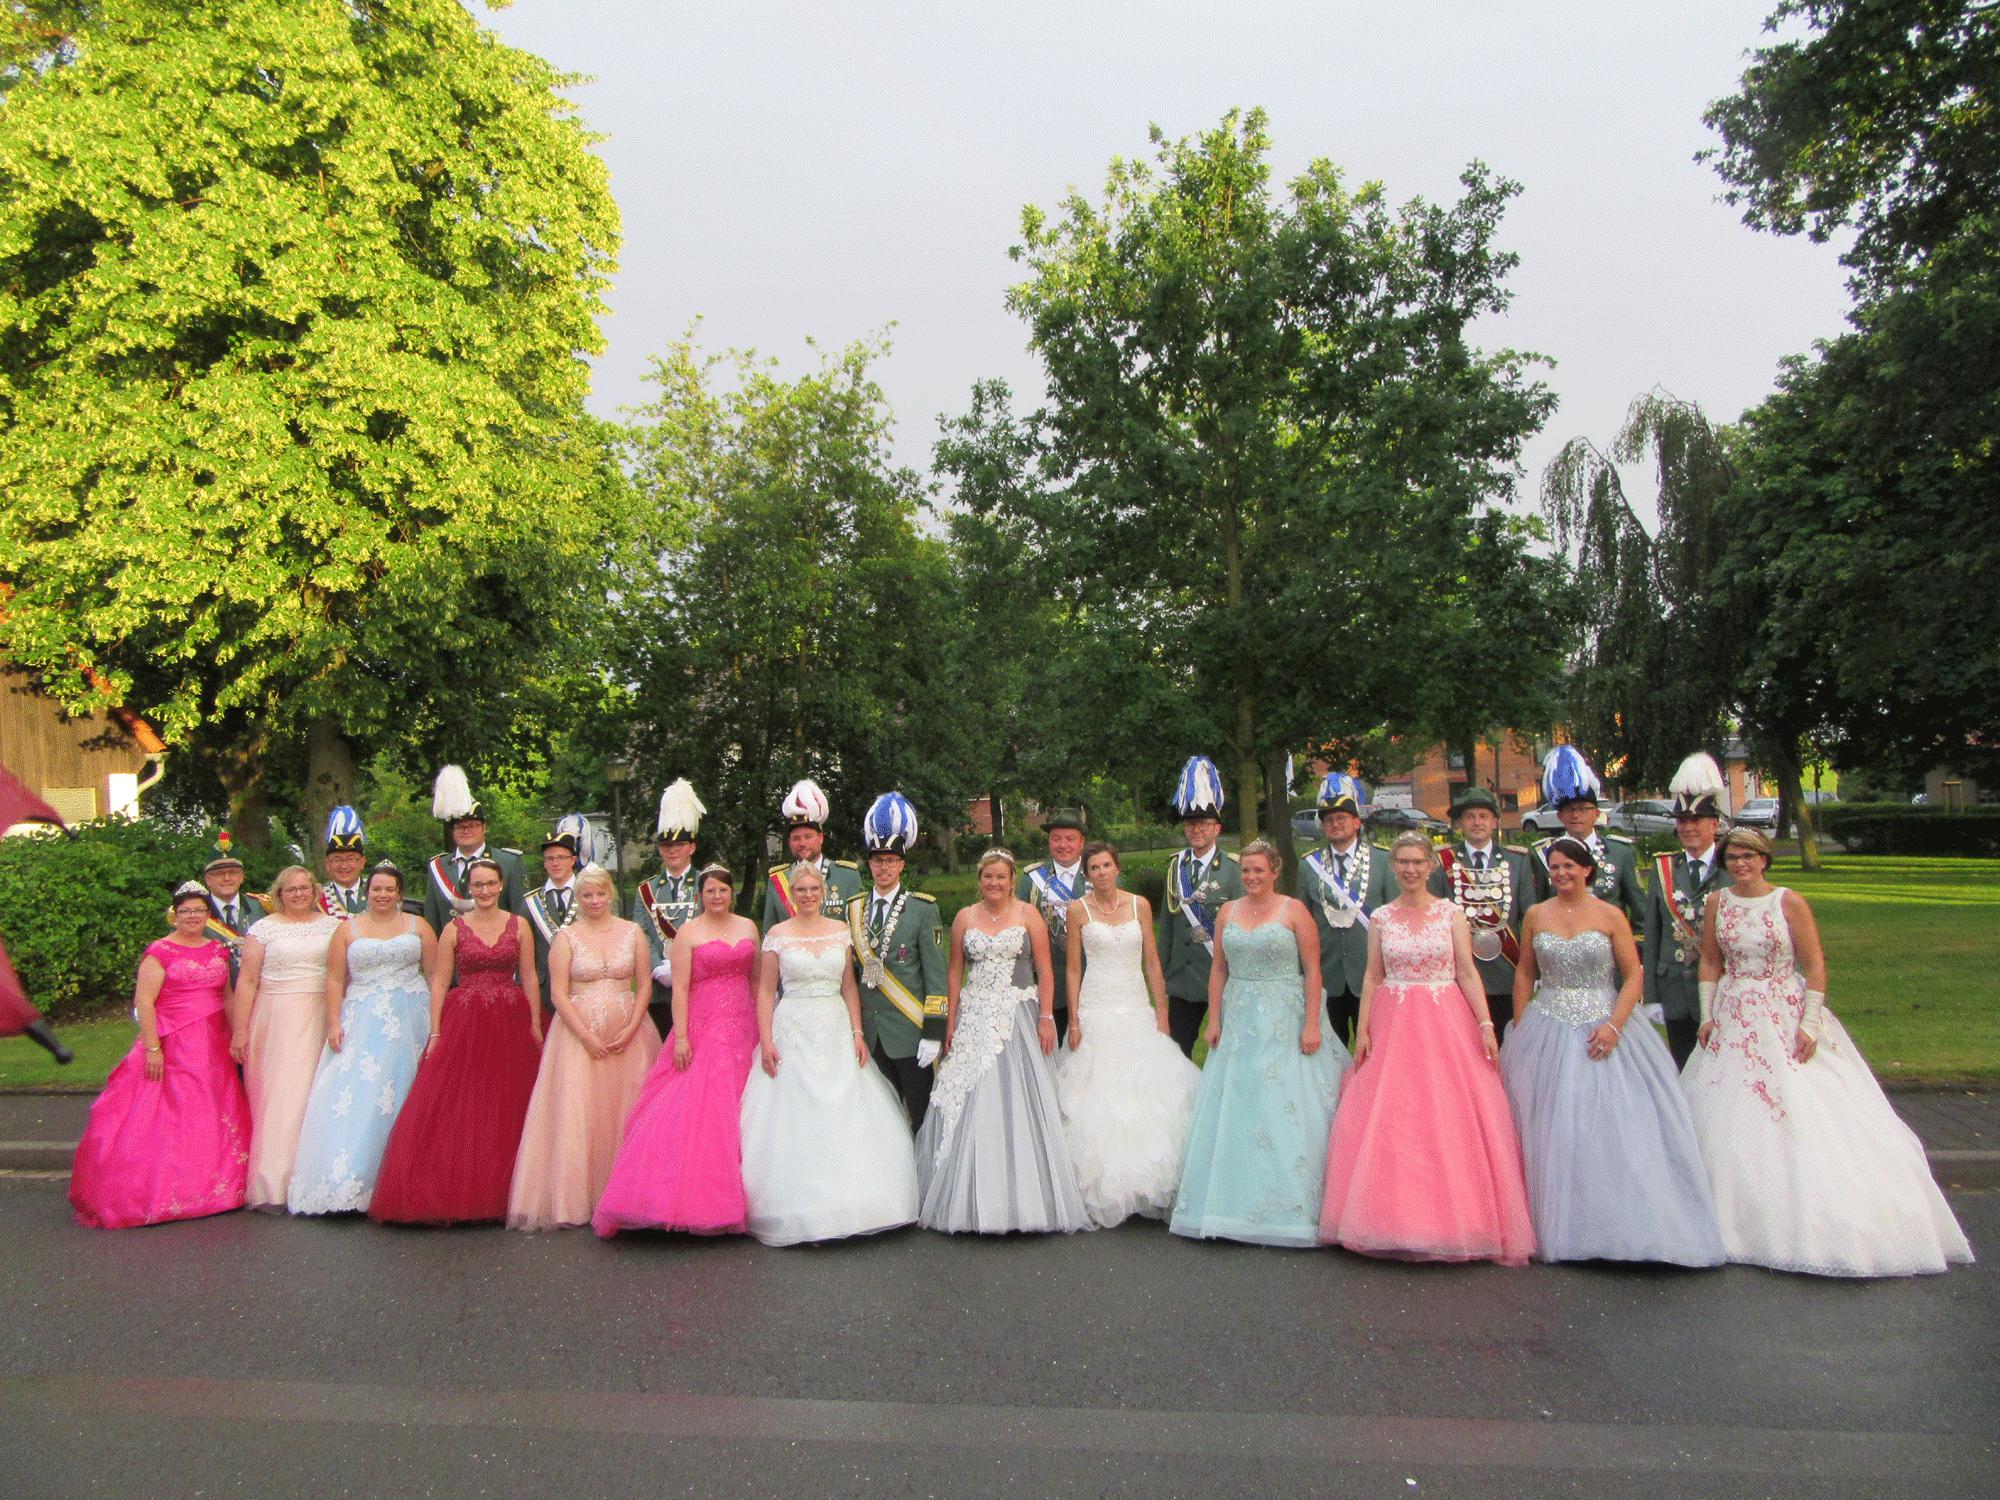 Diözesankönigsfest und Ball der Könige 2019 in Natingen